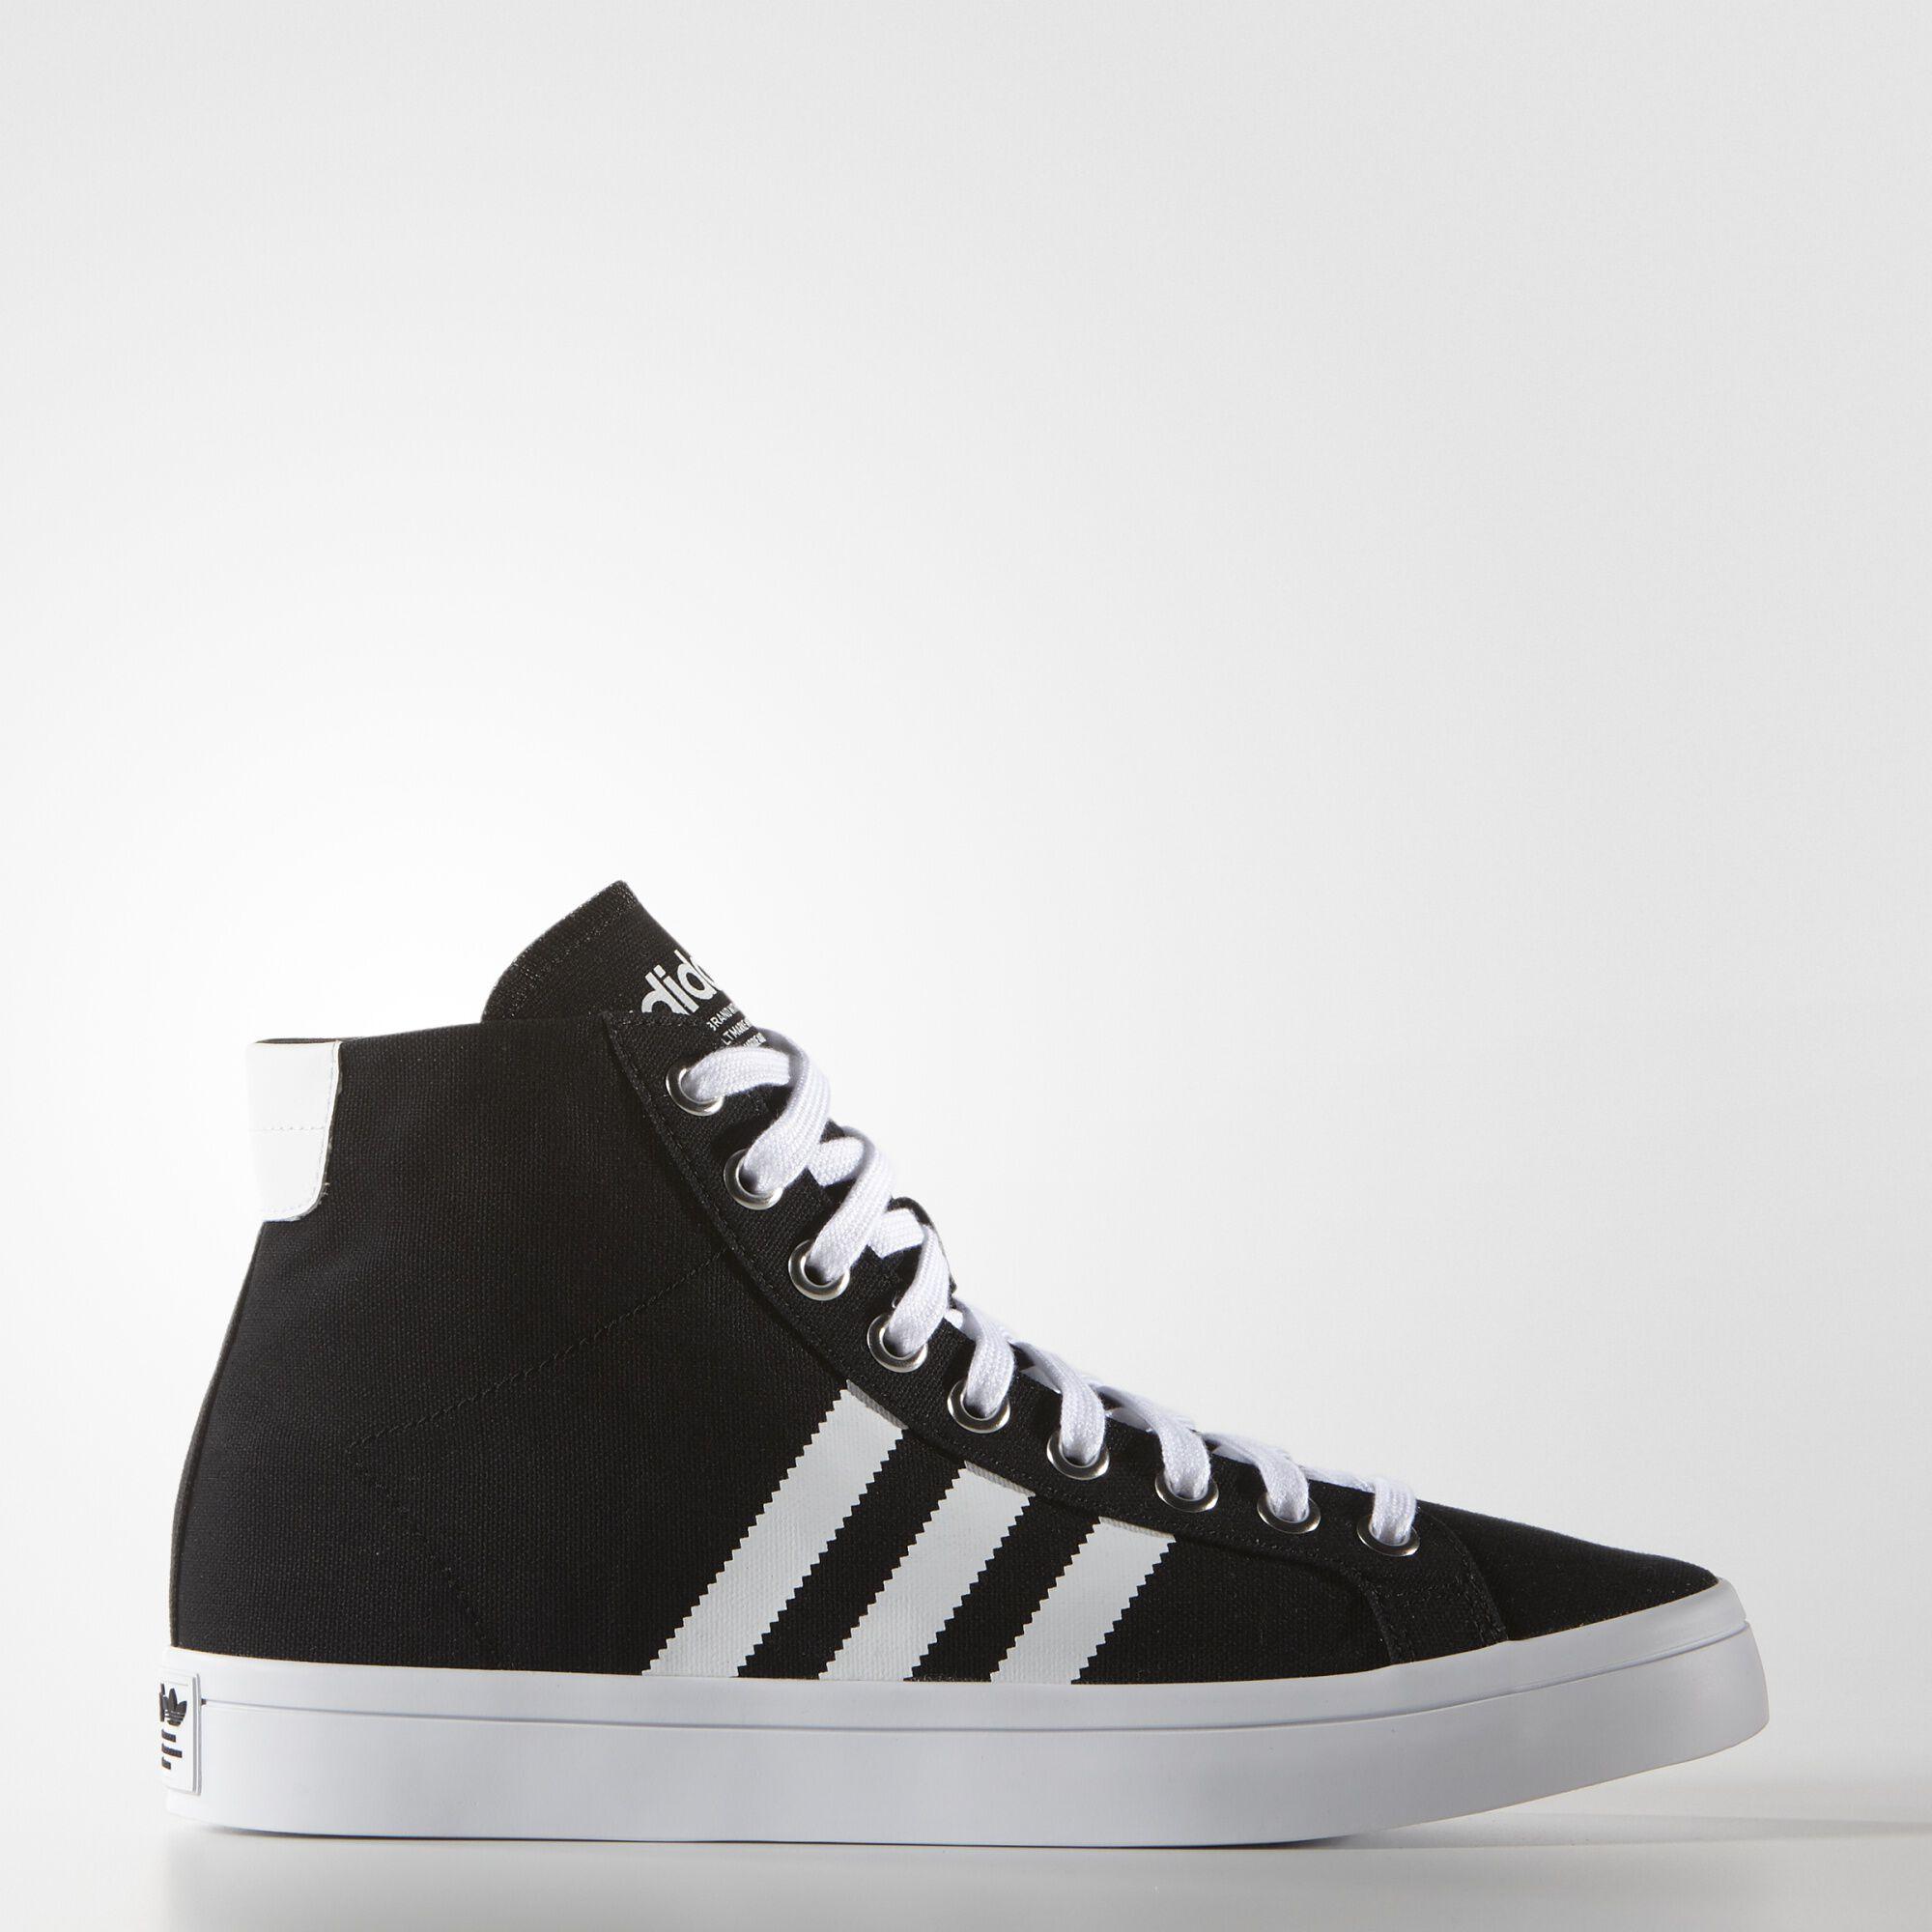 Zapatillas Adidas Hombre 2014 Urbanas